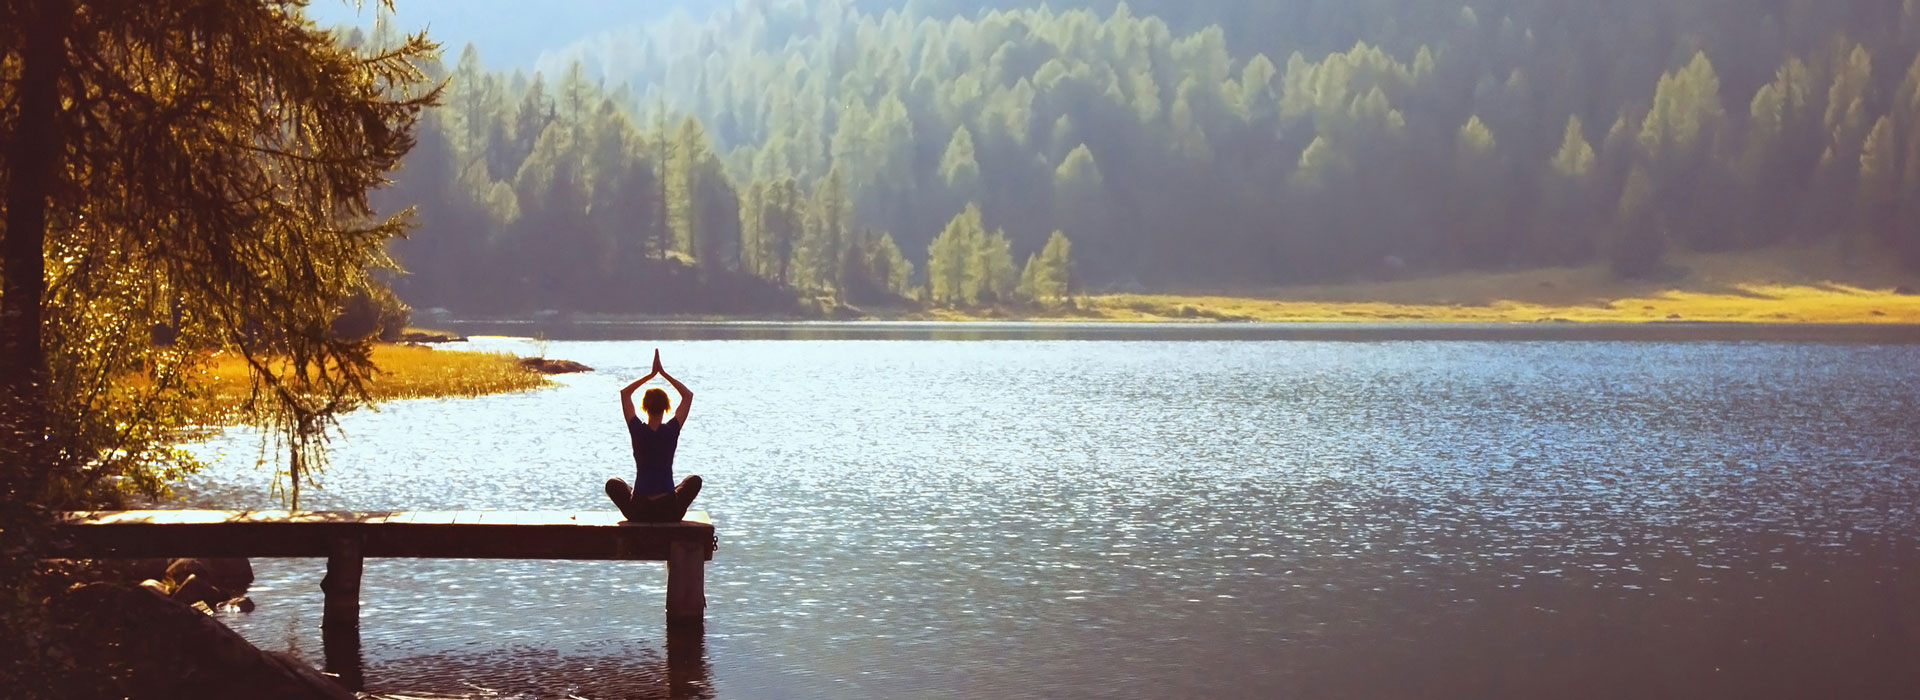 Eine Frau macht Yoga auf einem Steg an einem See